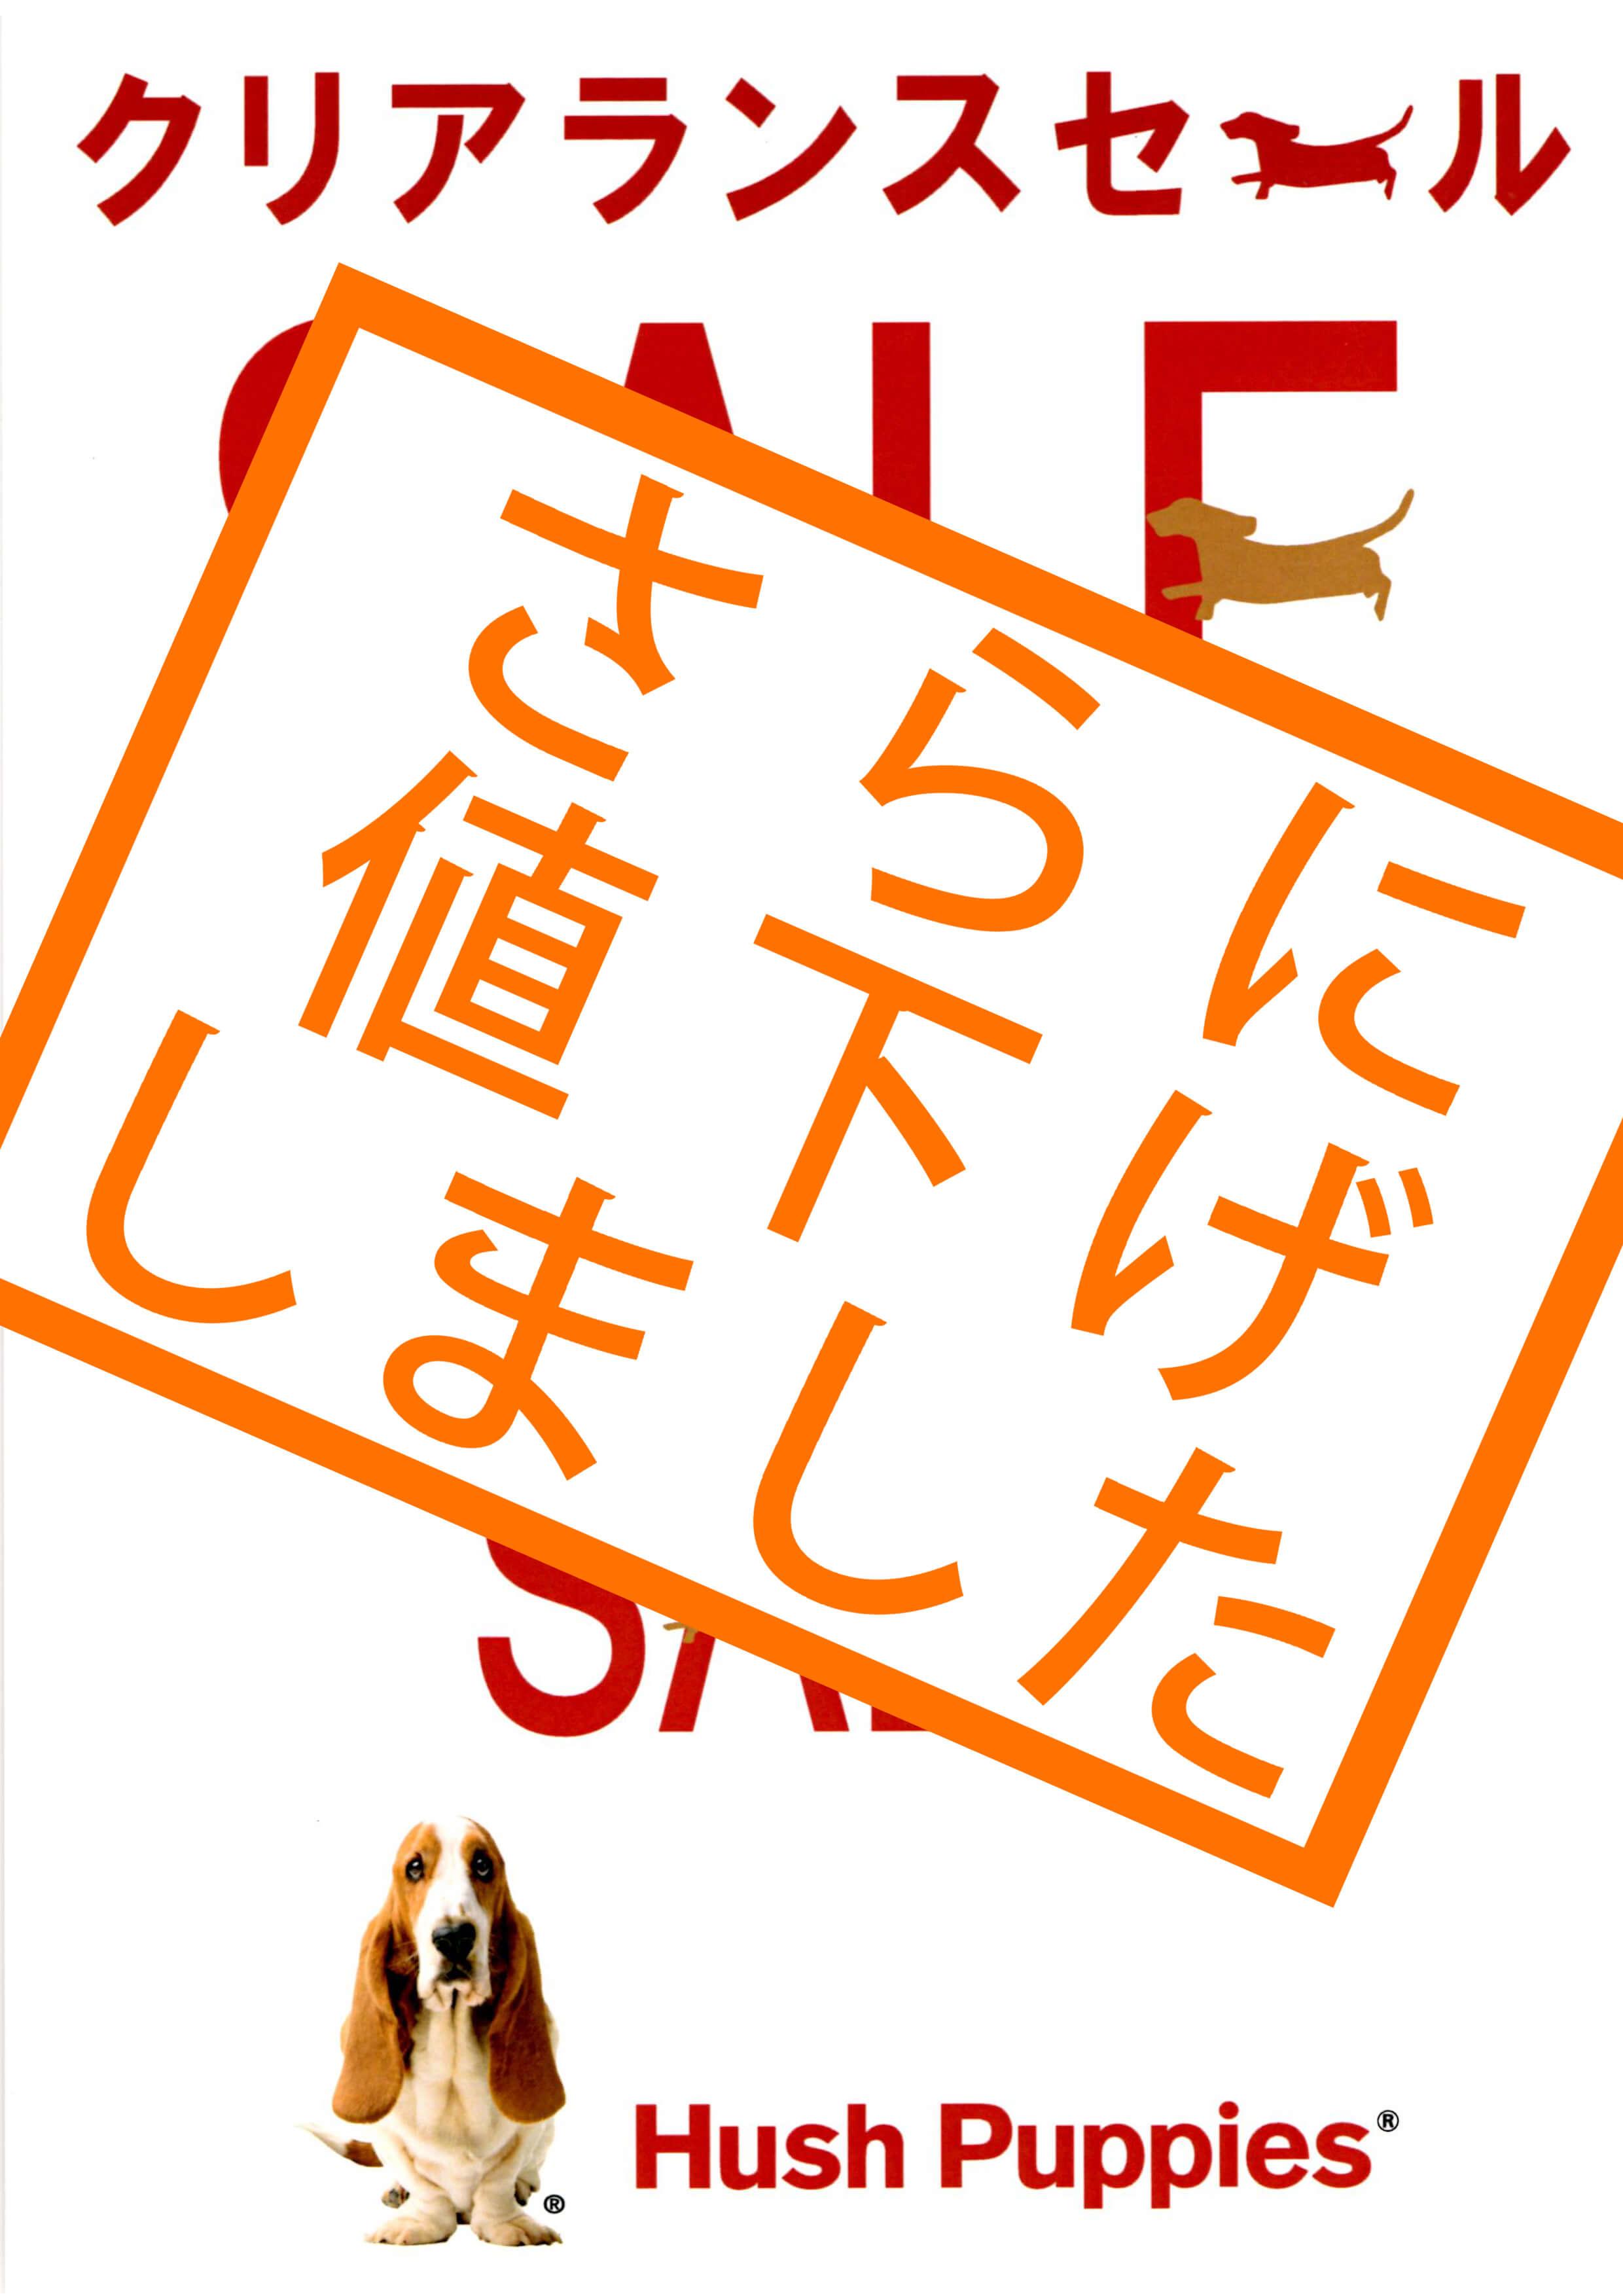 ハッシュパピー長崎店、さらに値下げしました。